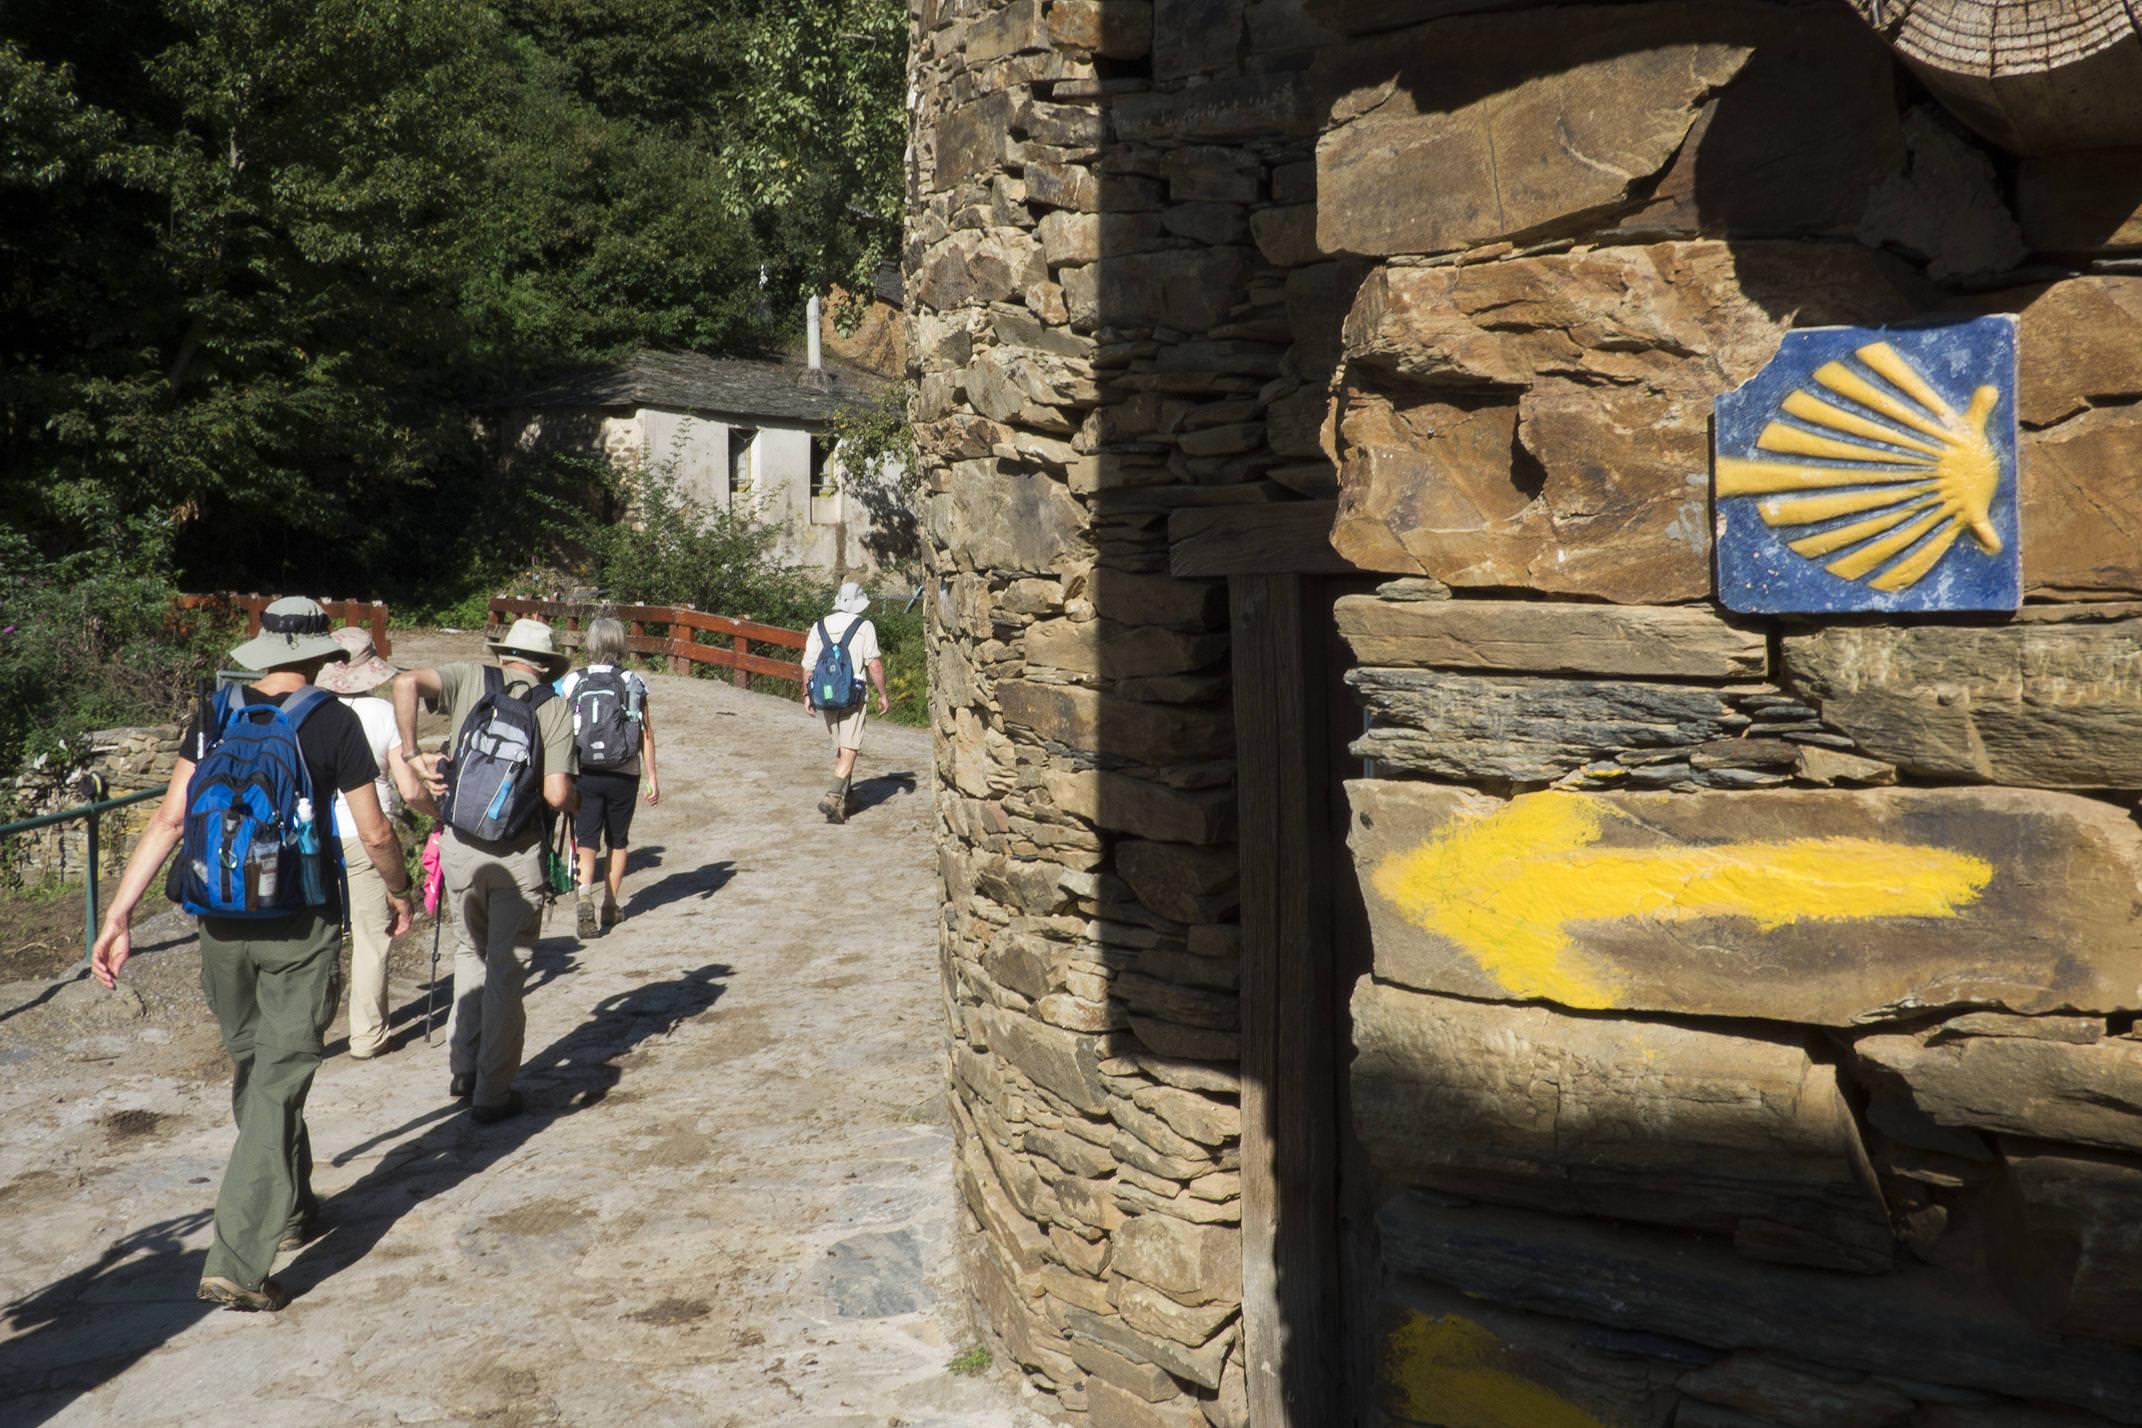 Spain galicia camino triacastela sarria sanxil waymark